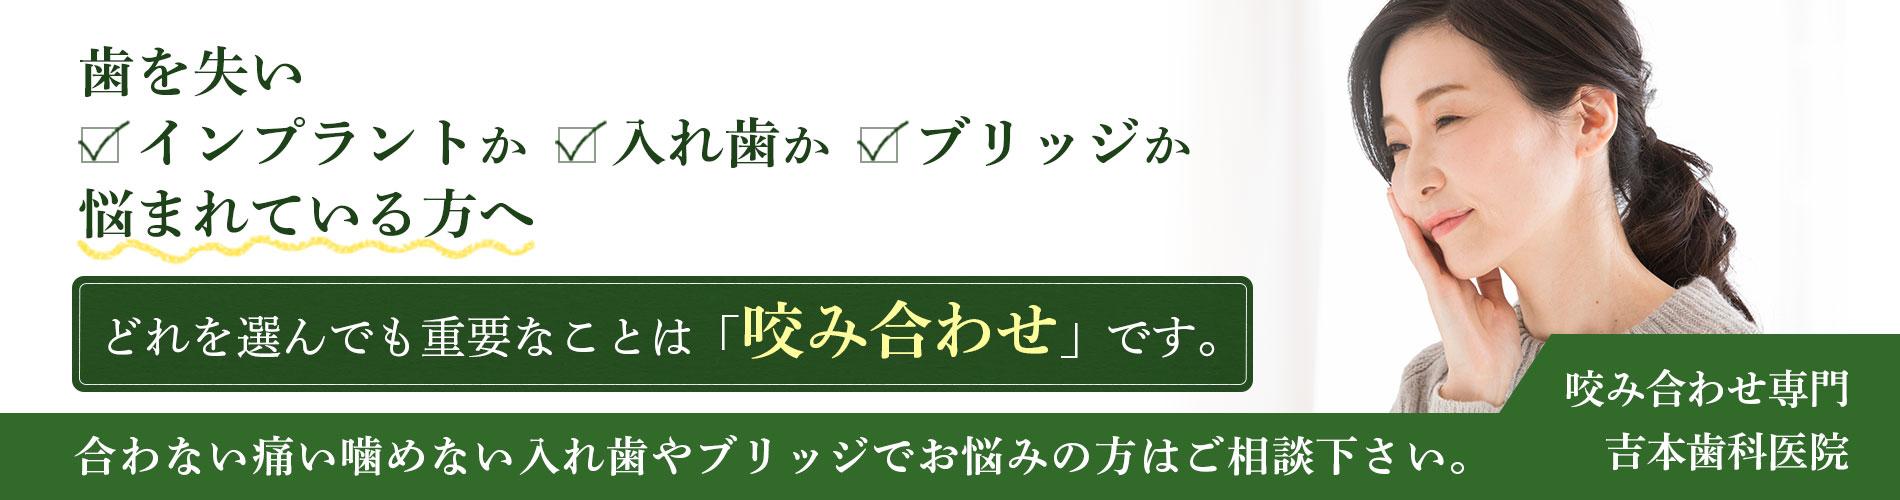 香川県高松市の削らない抜かない歯医者なら咬み合わせ専門歯科の吉本歯科医院